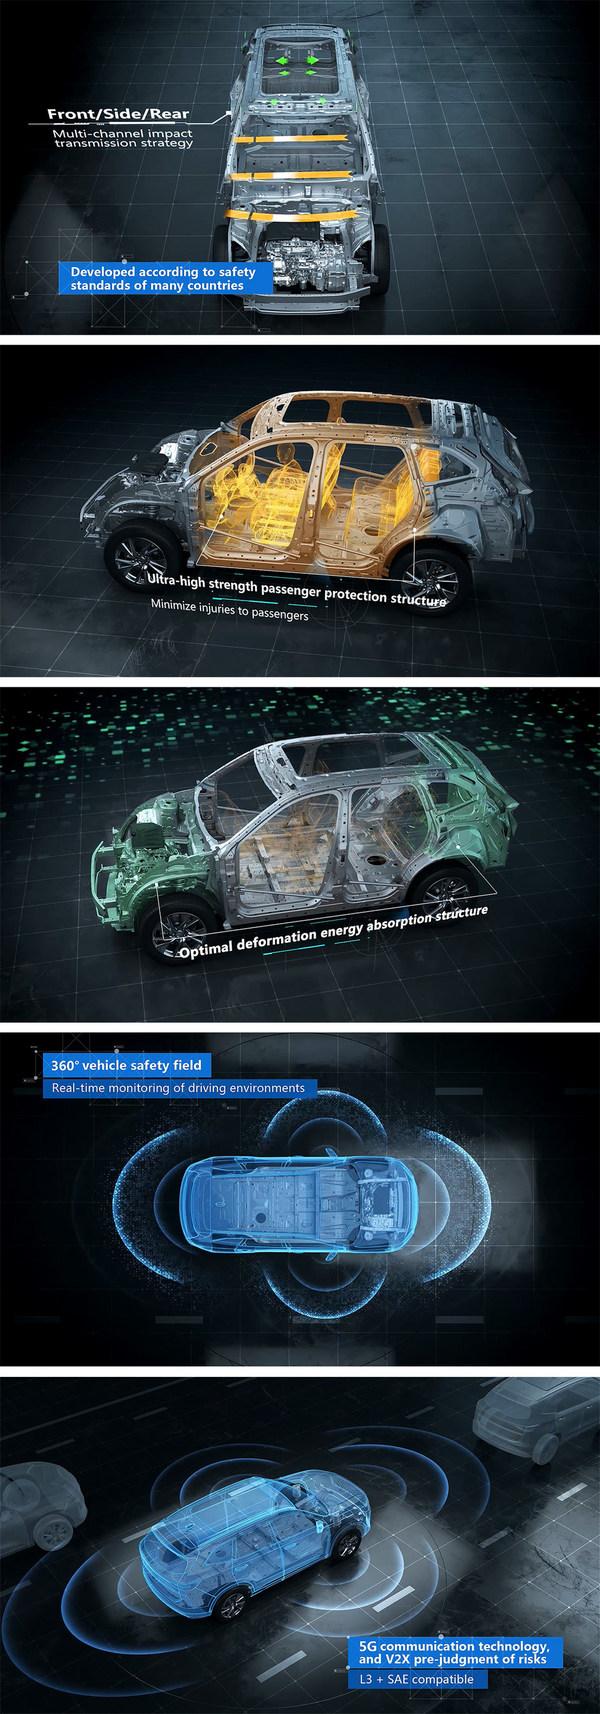 Nền tảng công nghệ L.E.M.O.N. của GWN. Nền tảng đi đầu xu hướng lái xe an toàn mới trên toàn thế giới